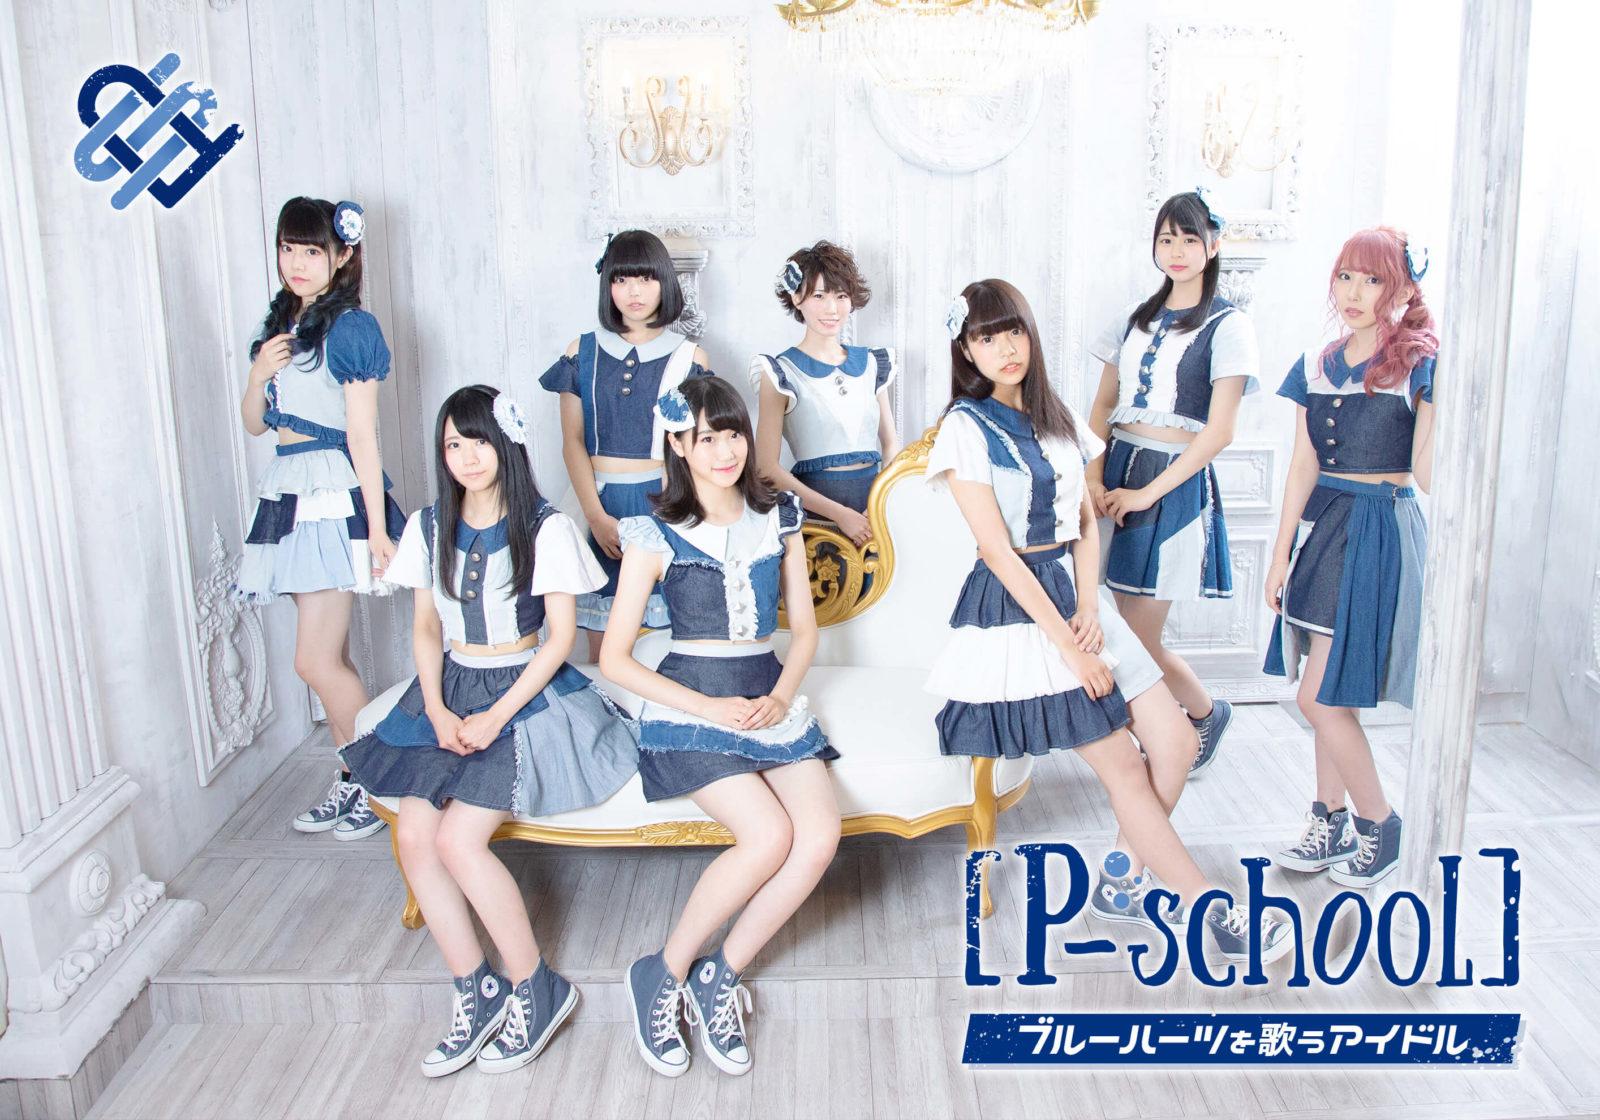 ブルーハーツを歌うアイドル【P-school】、初主催イベント開催サムネイル画像